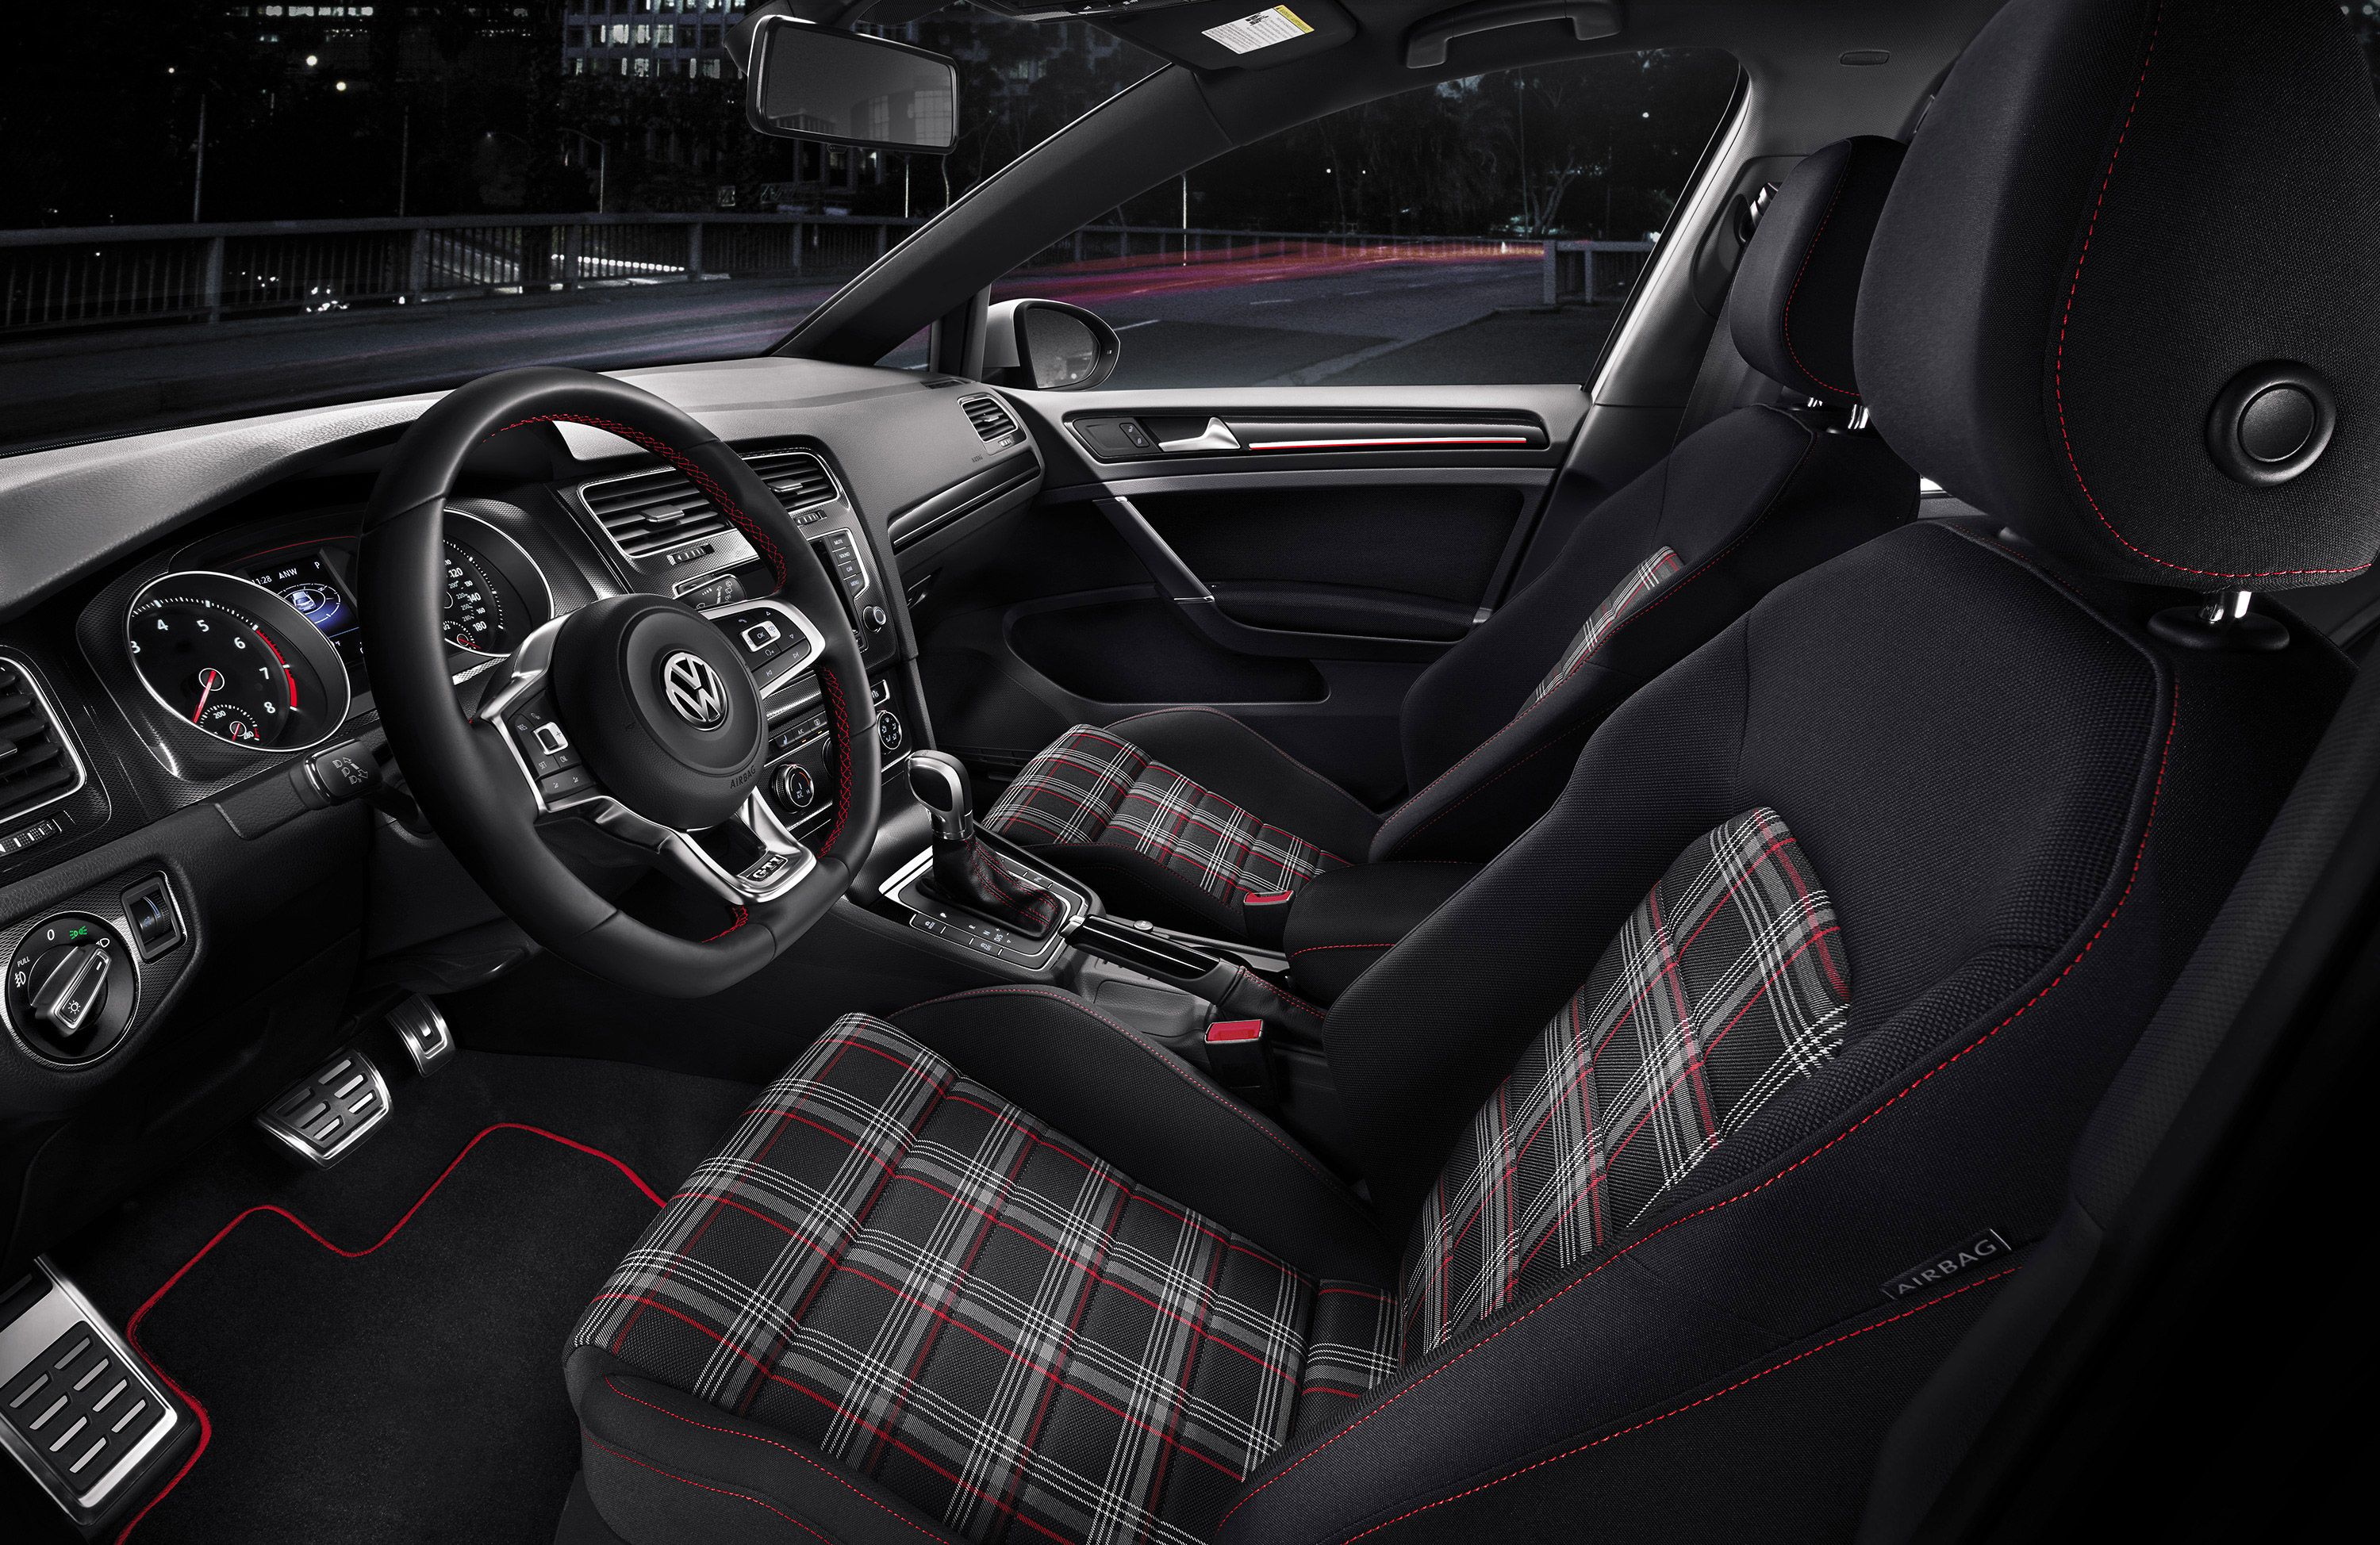 2015 Vw Golf Gti Performance Hot Hatch Volkswagen Autos Y